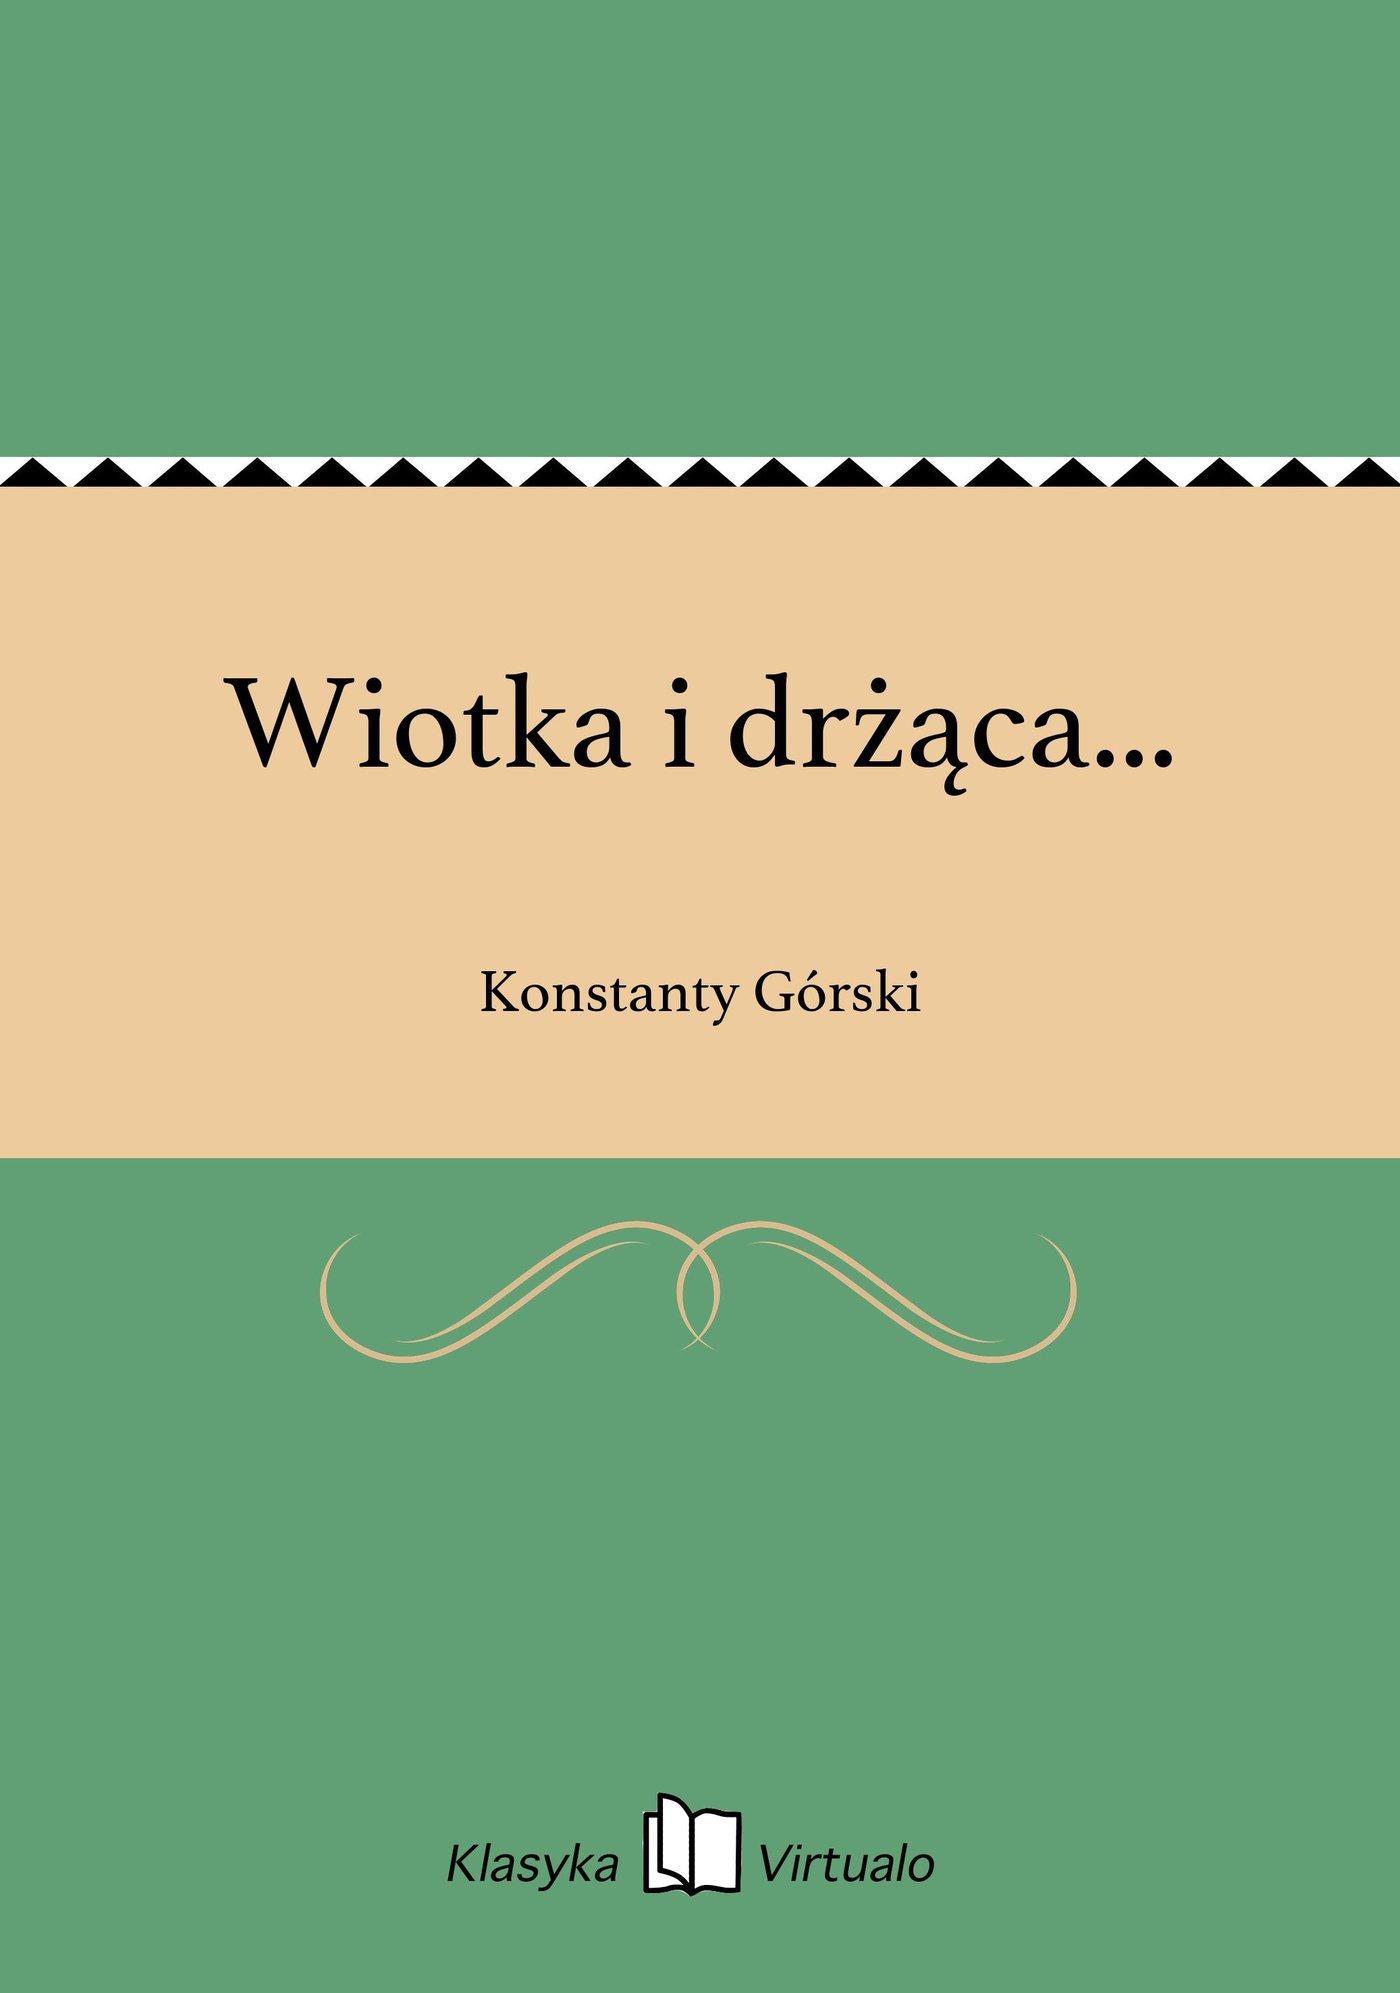 Wiotka i drżąca... - Ebook (Książka EPUB) do pobrania w formacie EPUB